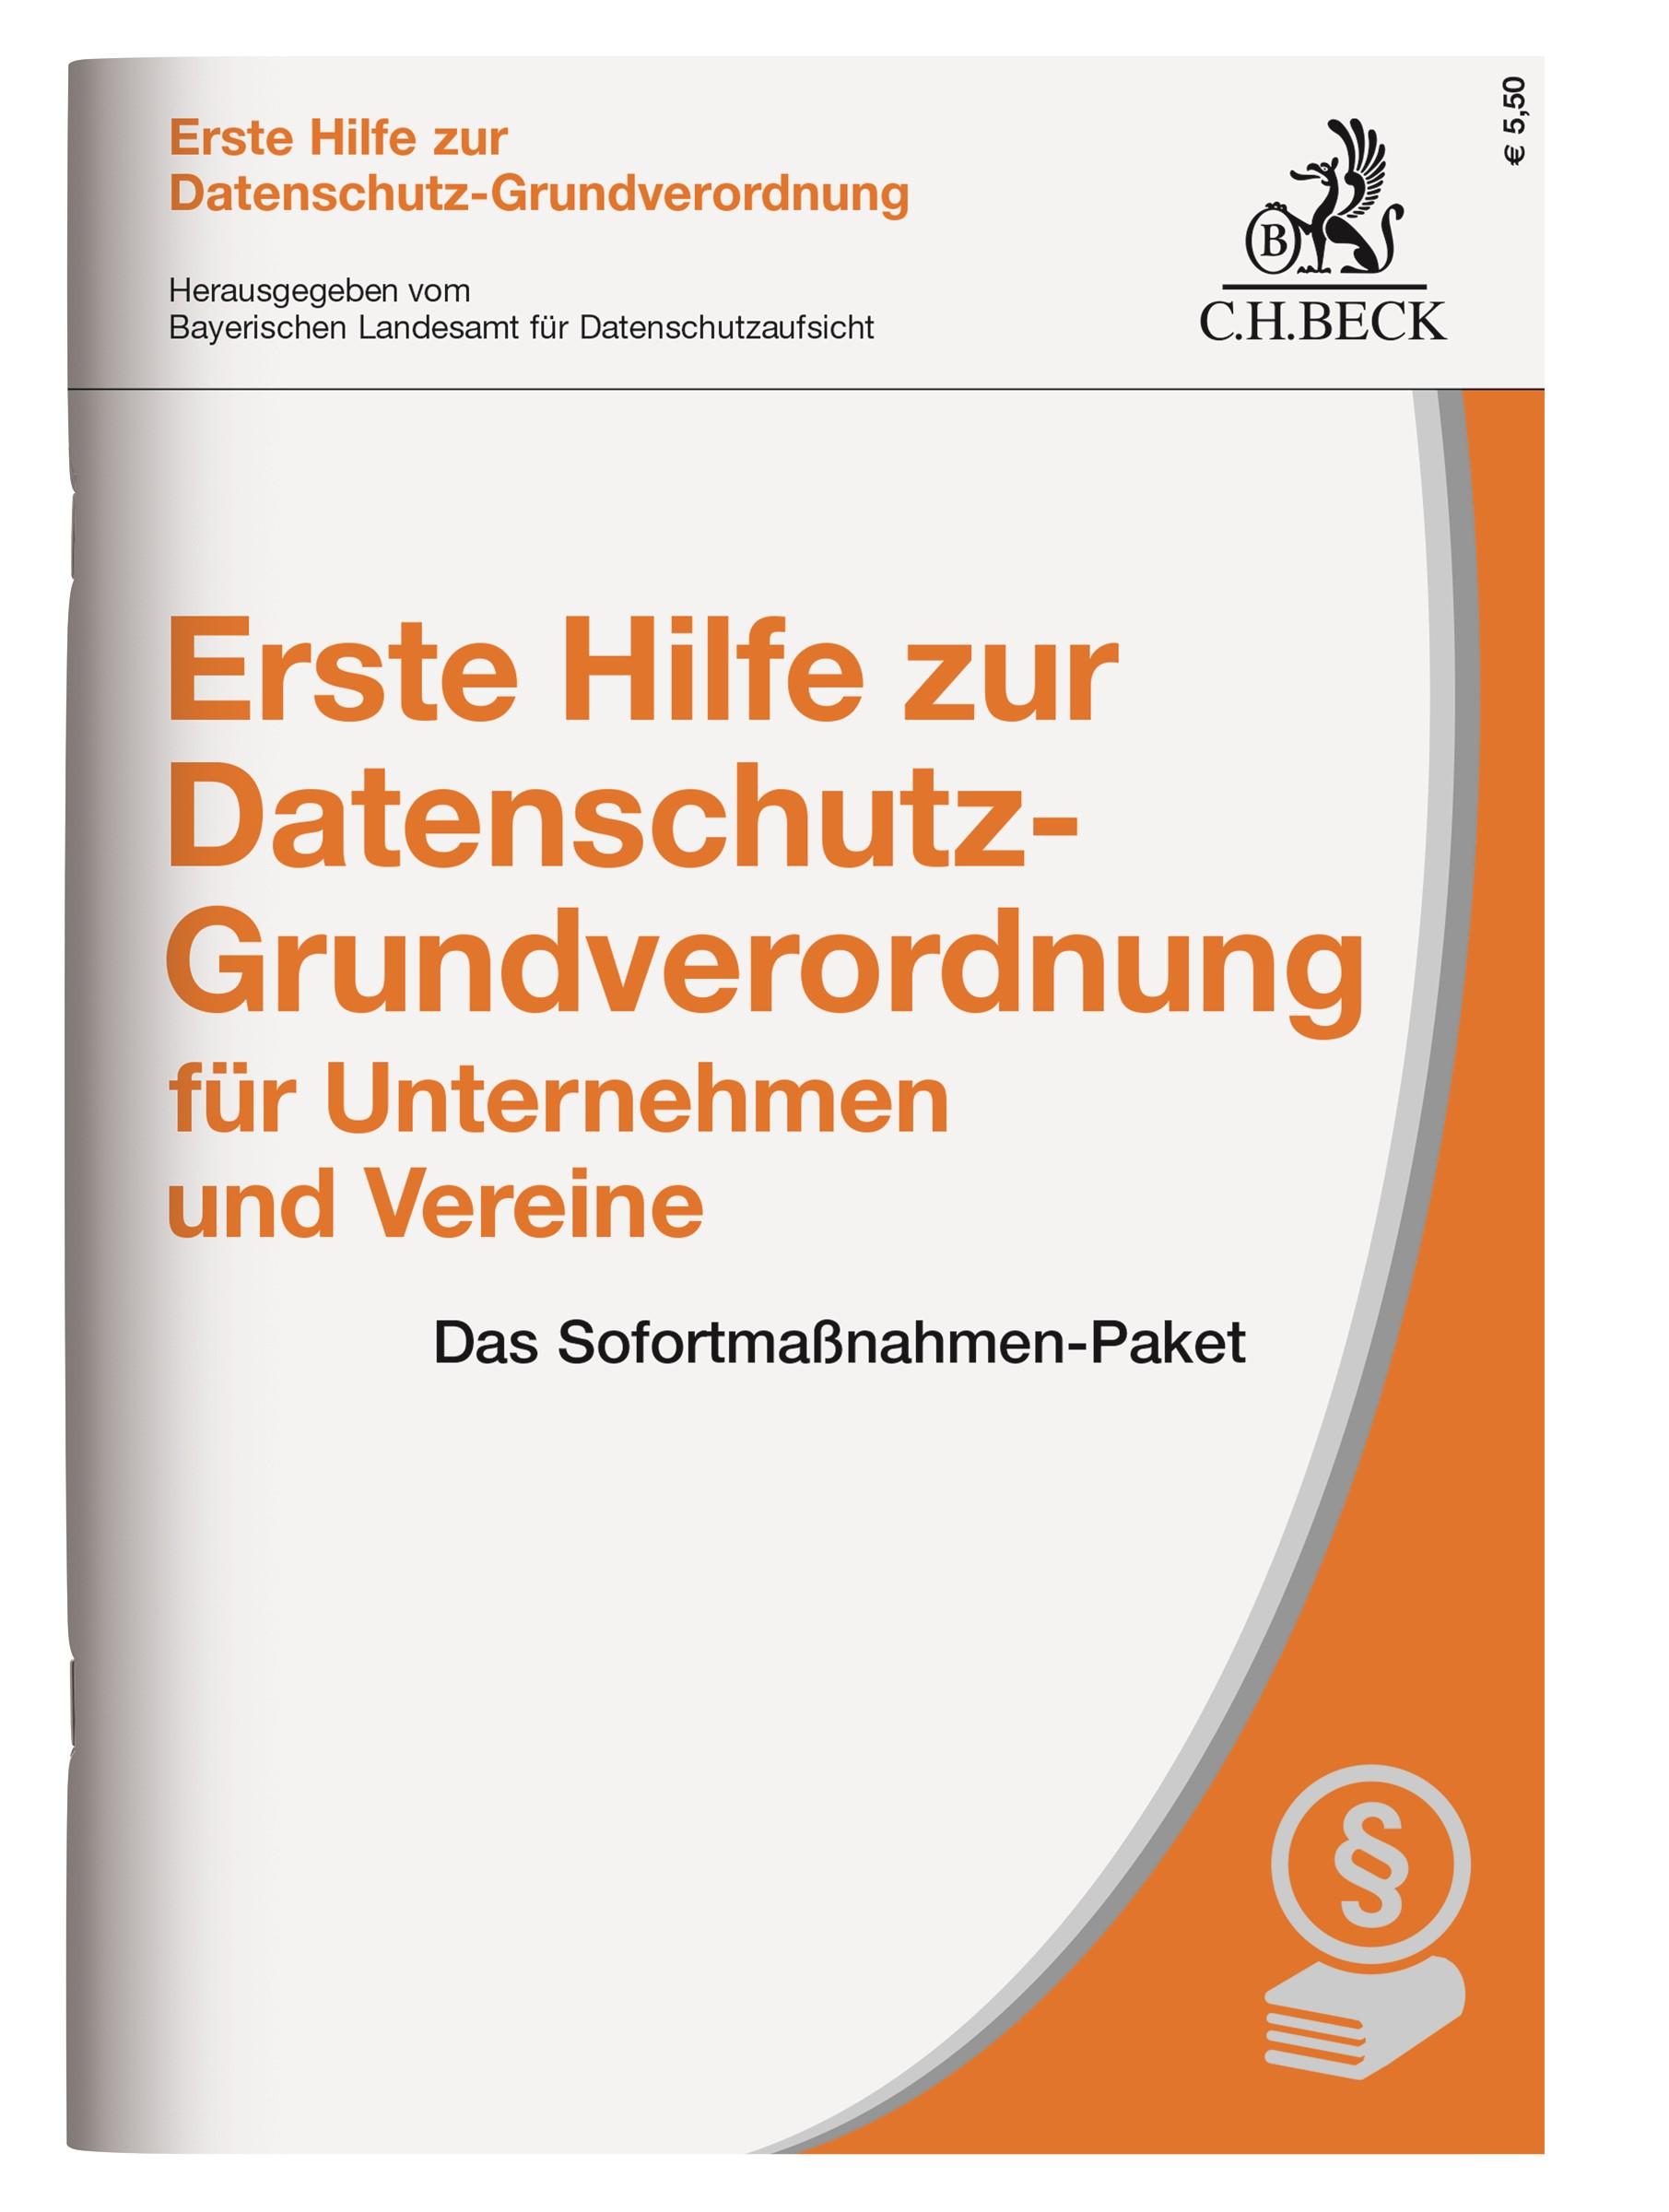 Erste Hilfe zur Datenschutz-Grundverordnung für Unternehmen und Vereine | Buch (Cover)